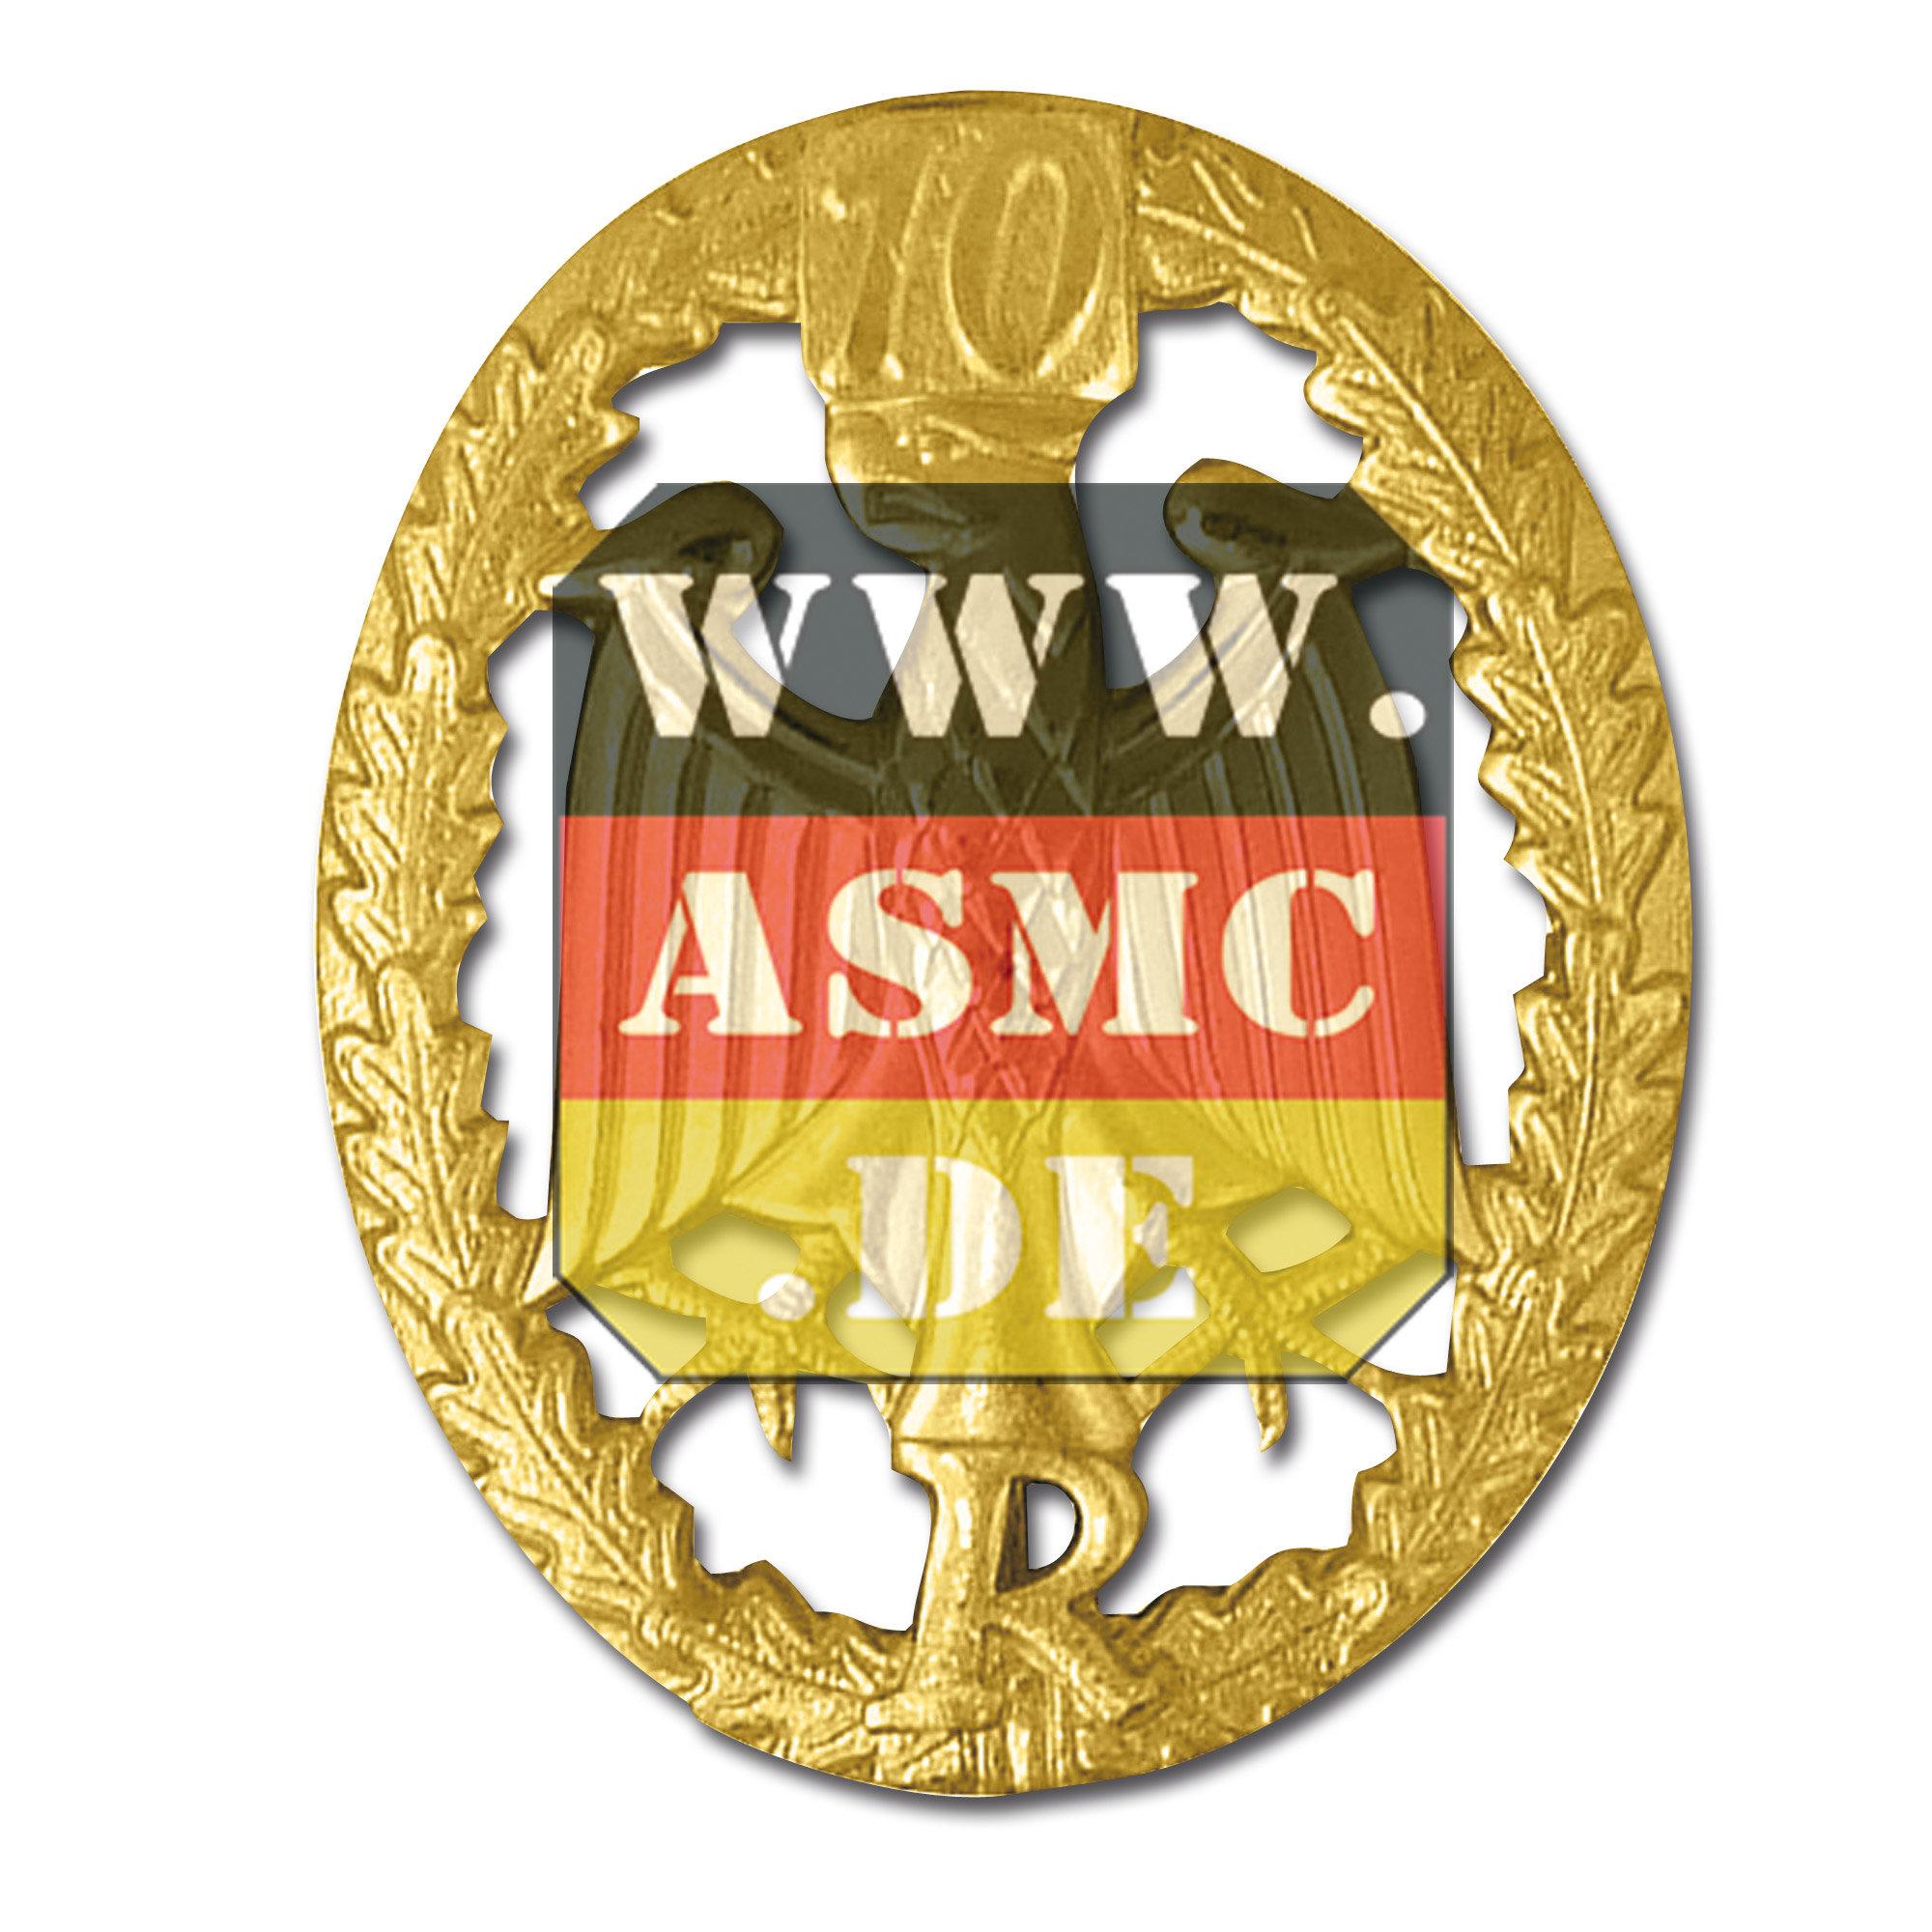 Leistungsabzeichen Reservisten Metall gold Zahl 10